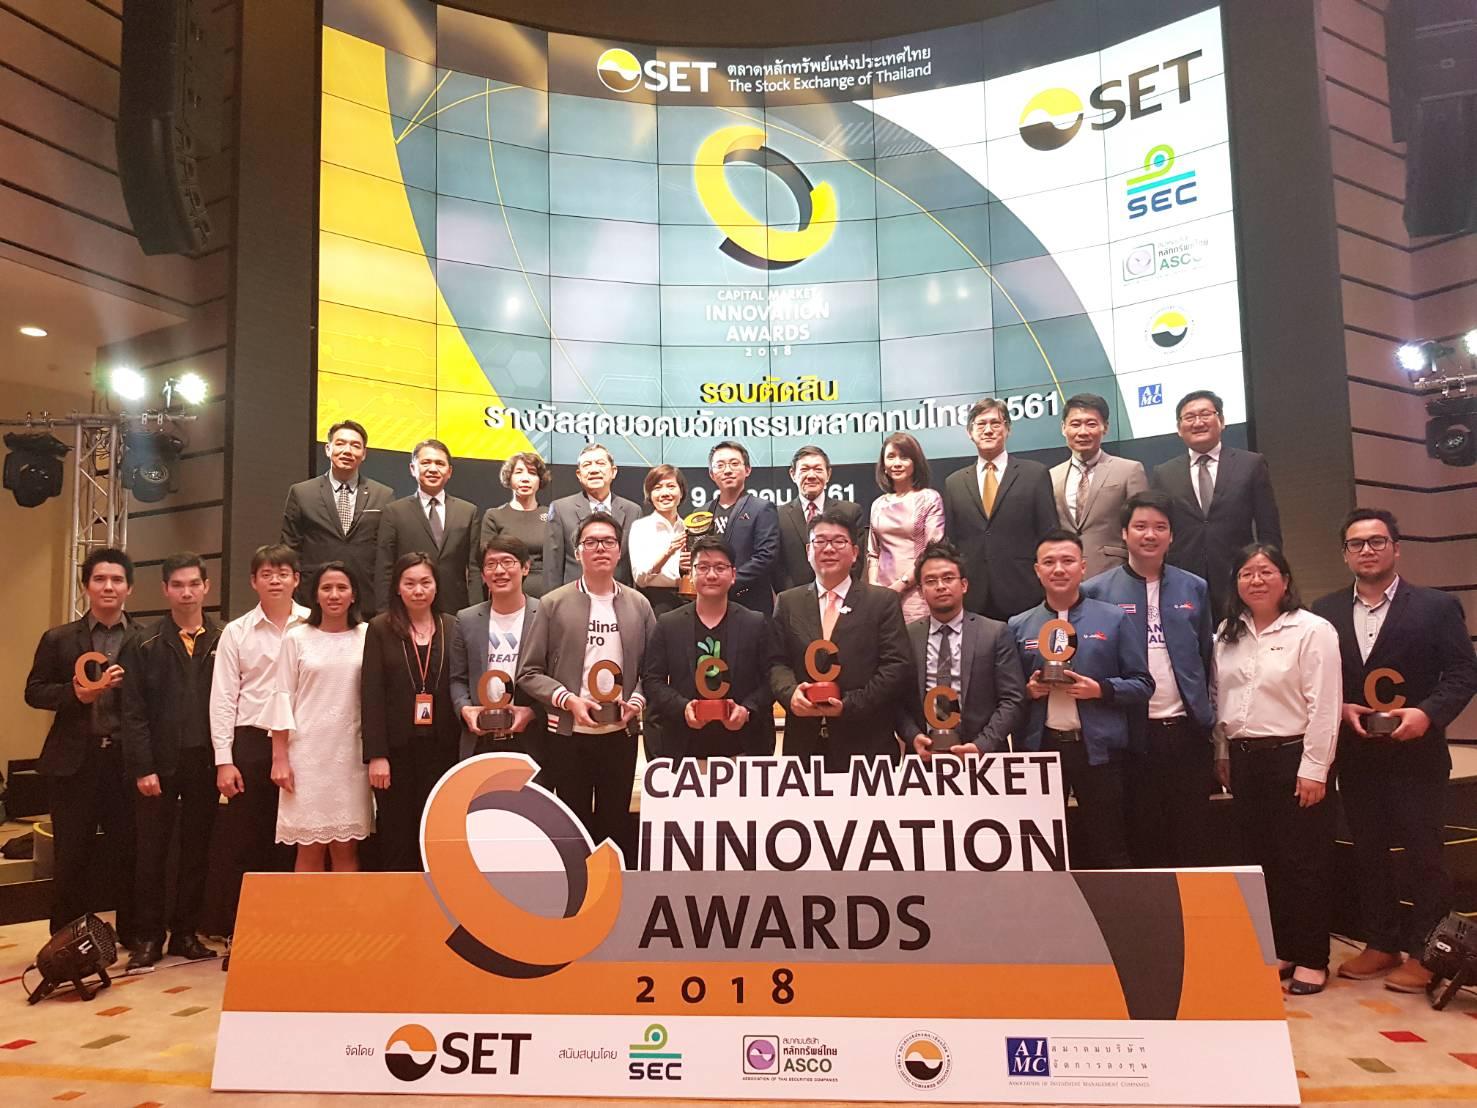 """ตลาดหลักทรัพย์แห่งประเทศไทยประกาศผลรอบตัดสิน โครงการประกวด """"รางวัลสุดยอดนวัตกรรมตลาดทุนไทย 2561"""" (Capital Market Innovation Awards 2018)"""